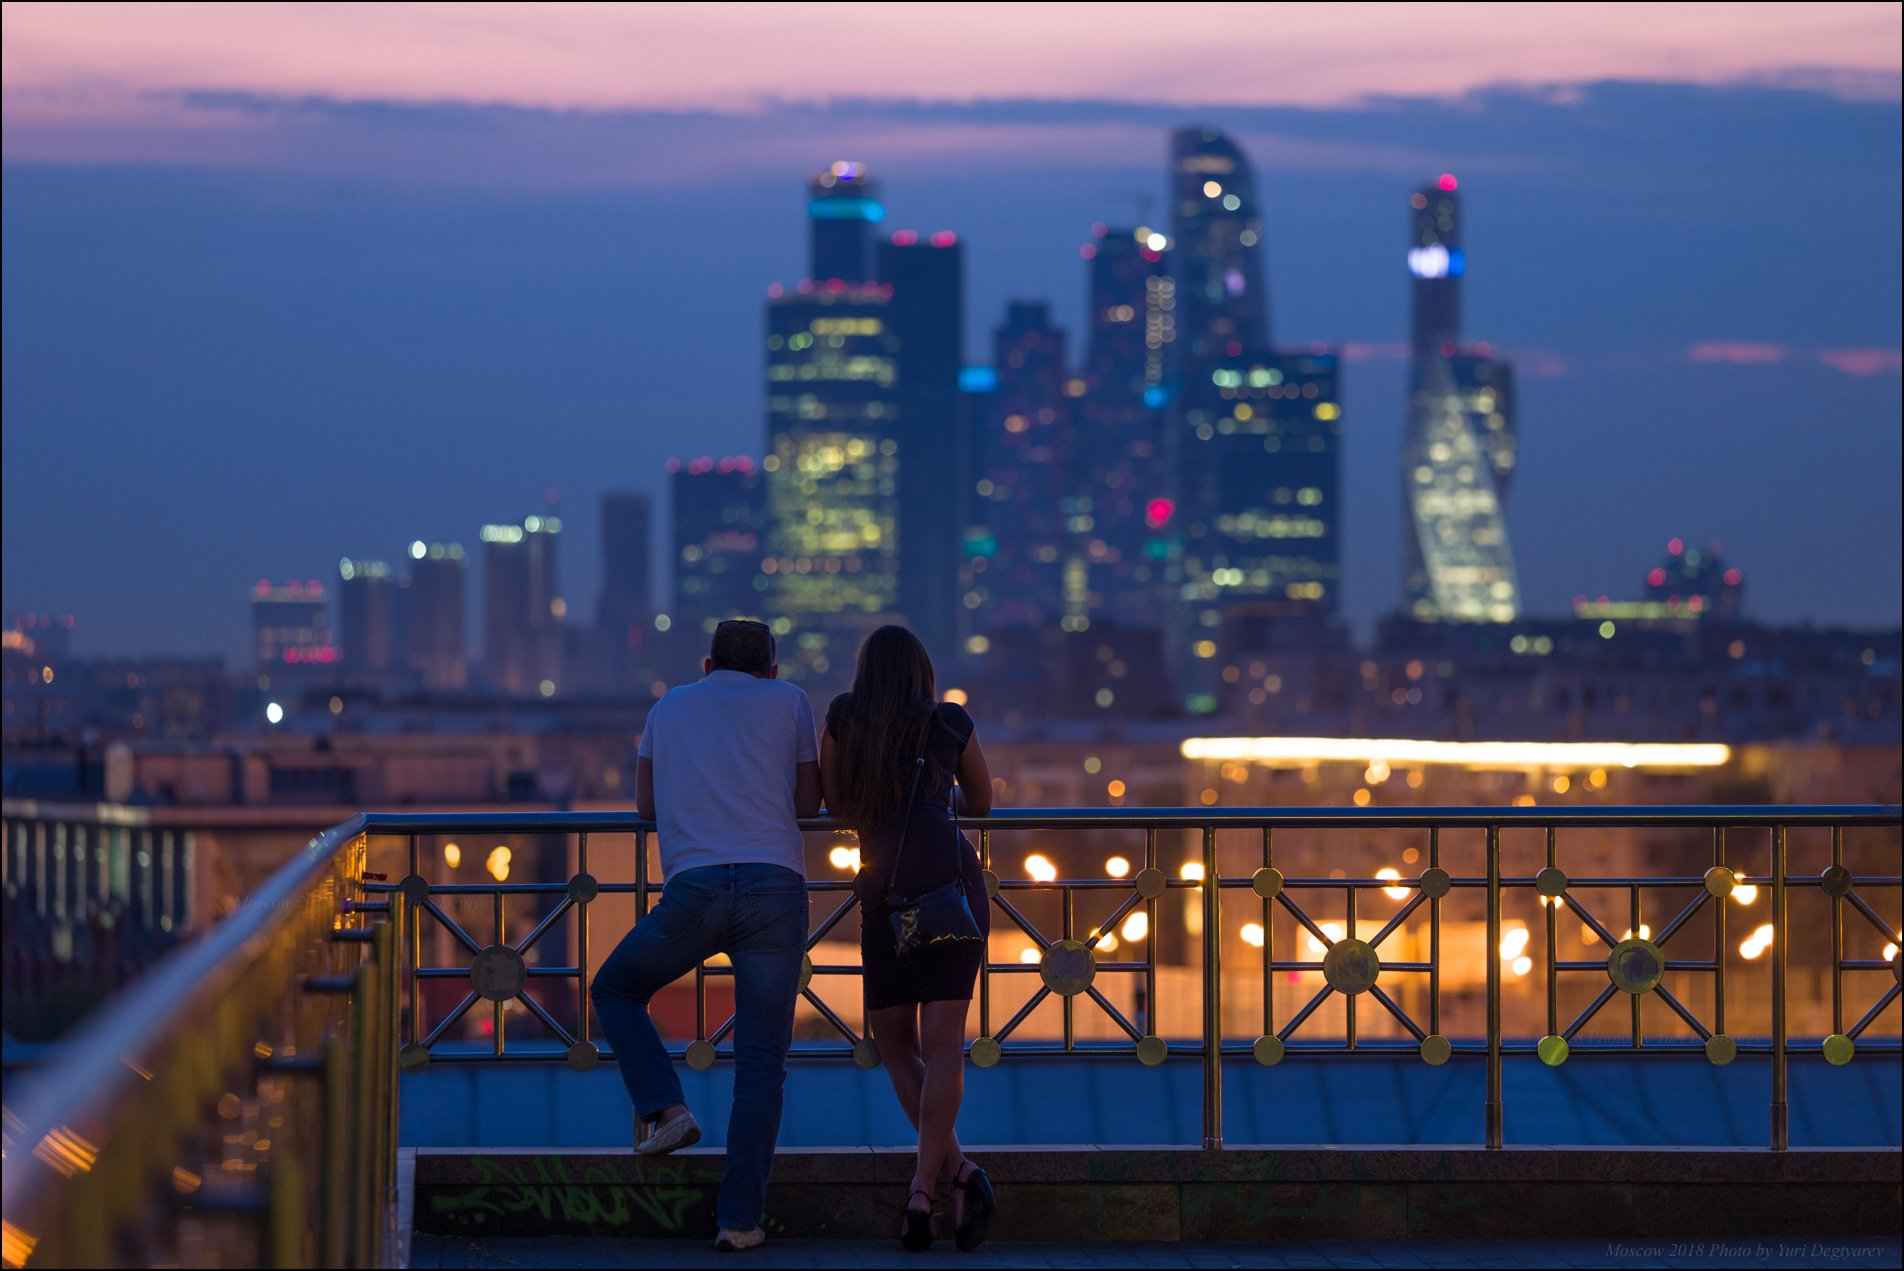 город, Москва, столица, вечер, Сити, высотки, небоскребы, ММДЦ, горизонт, девушка, Юрий Дегтярёв